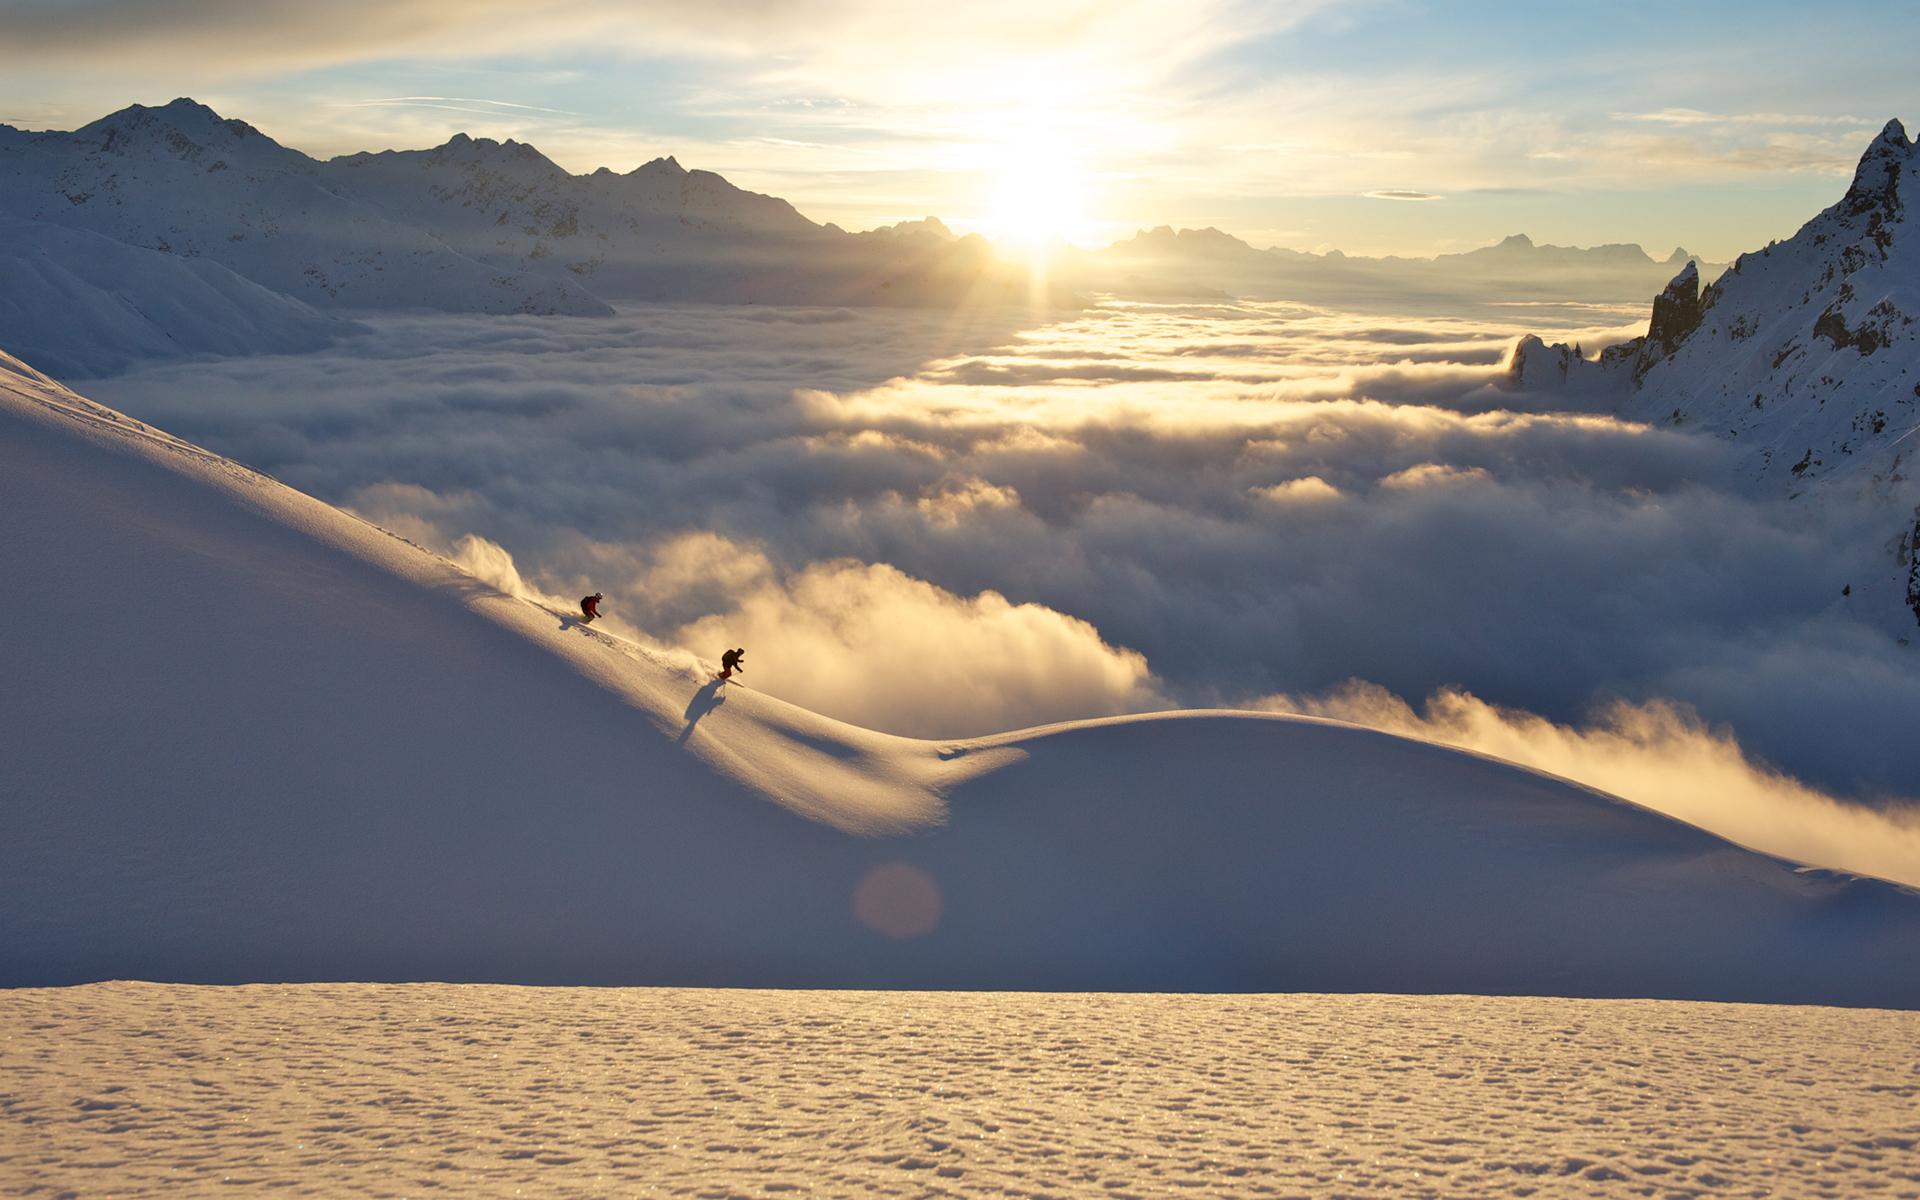 Hotel Erzberg - Ski & Service